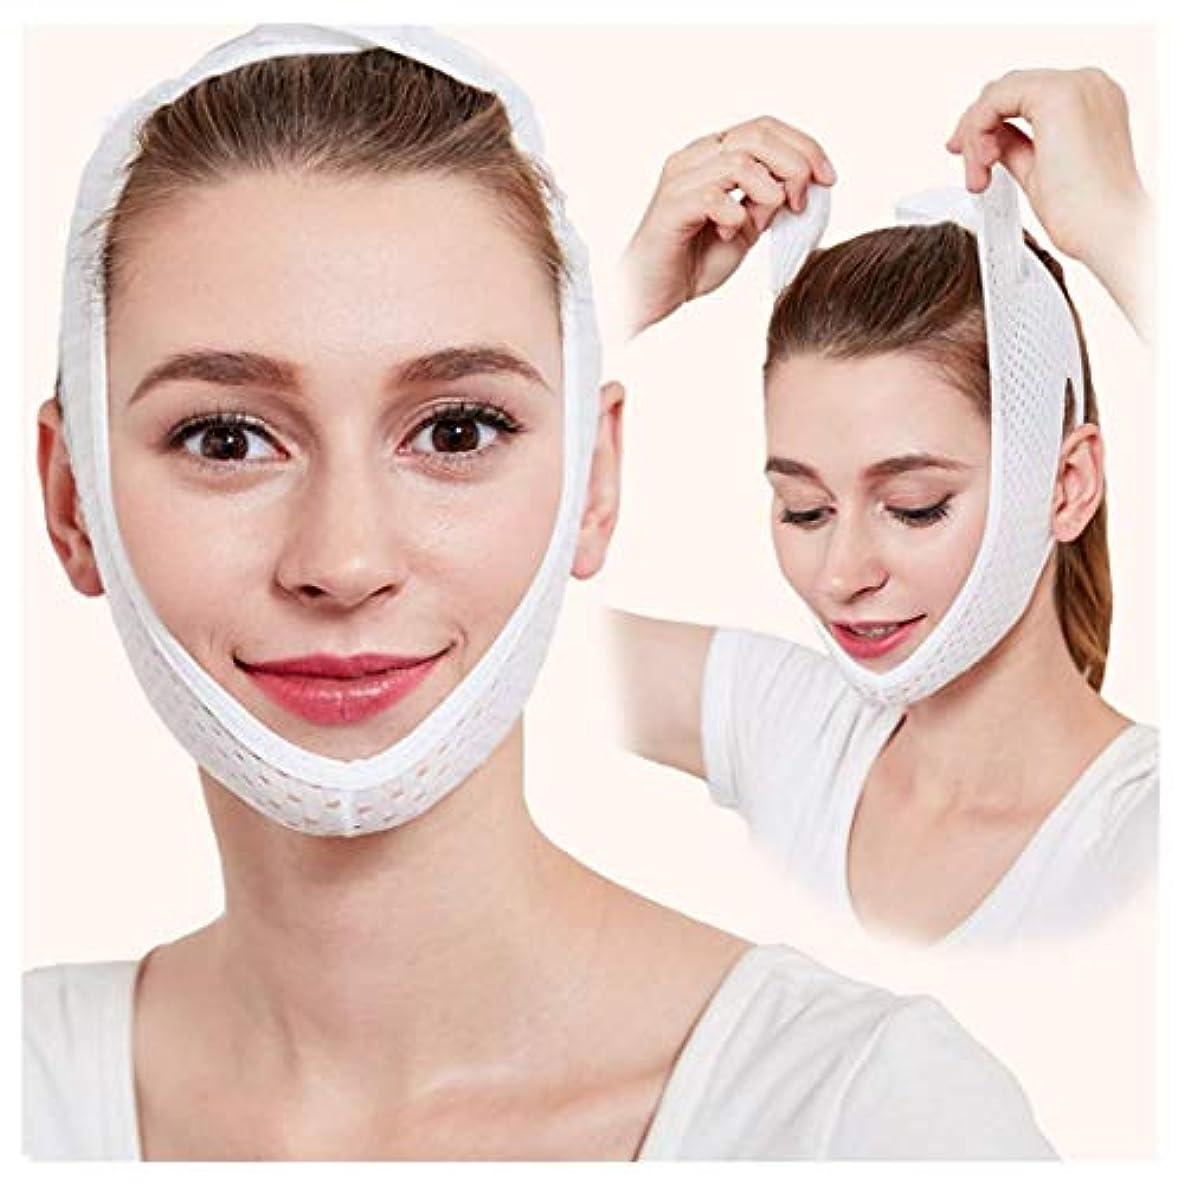 故障中防止伴うWSJTT 顔のリフティングストラップ、Vラインファーミングラップは、女性のためのバージョンVシェイプフェイススリミングマスクアップグレードリフティングネック二重あごベルトスキンケアチンマスク